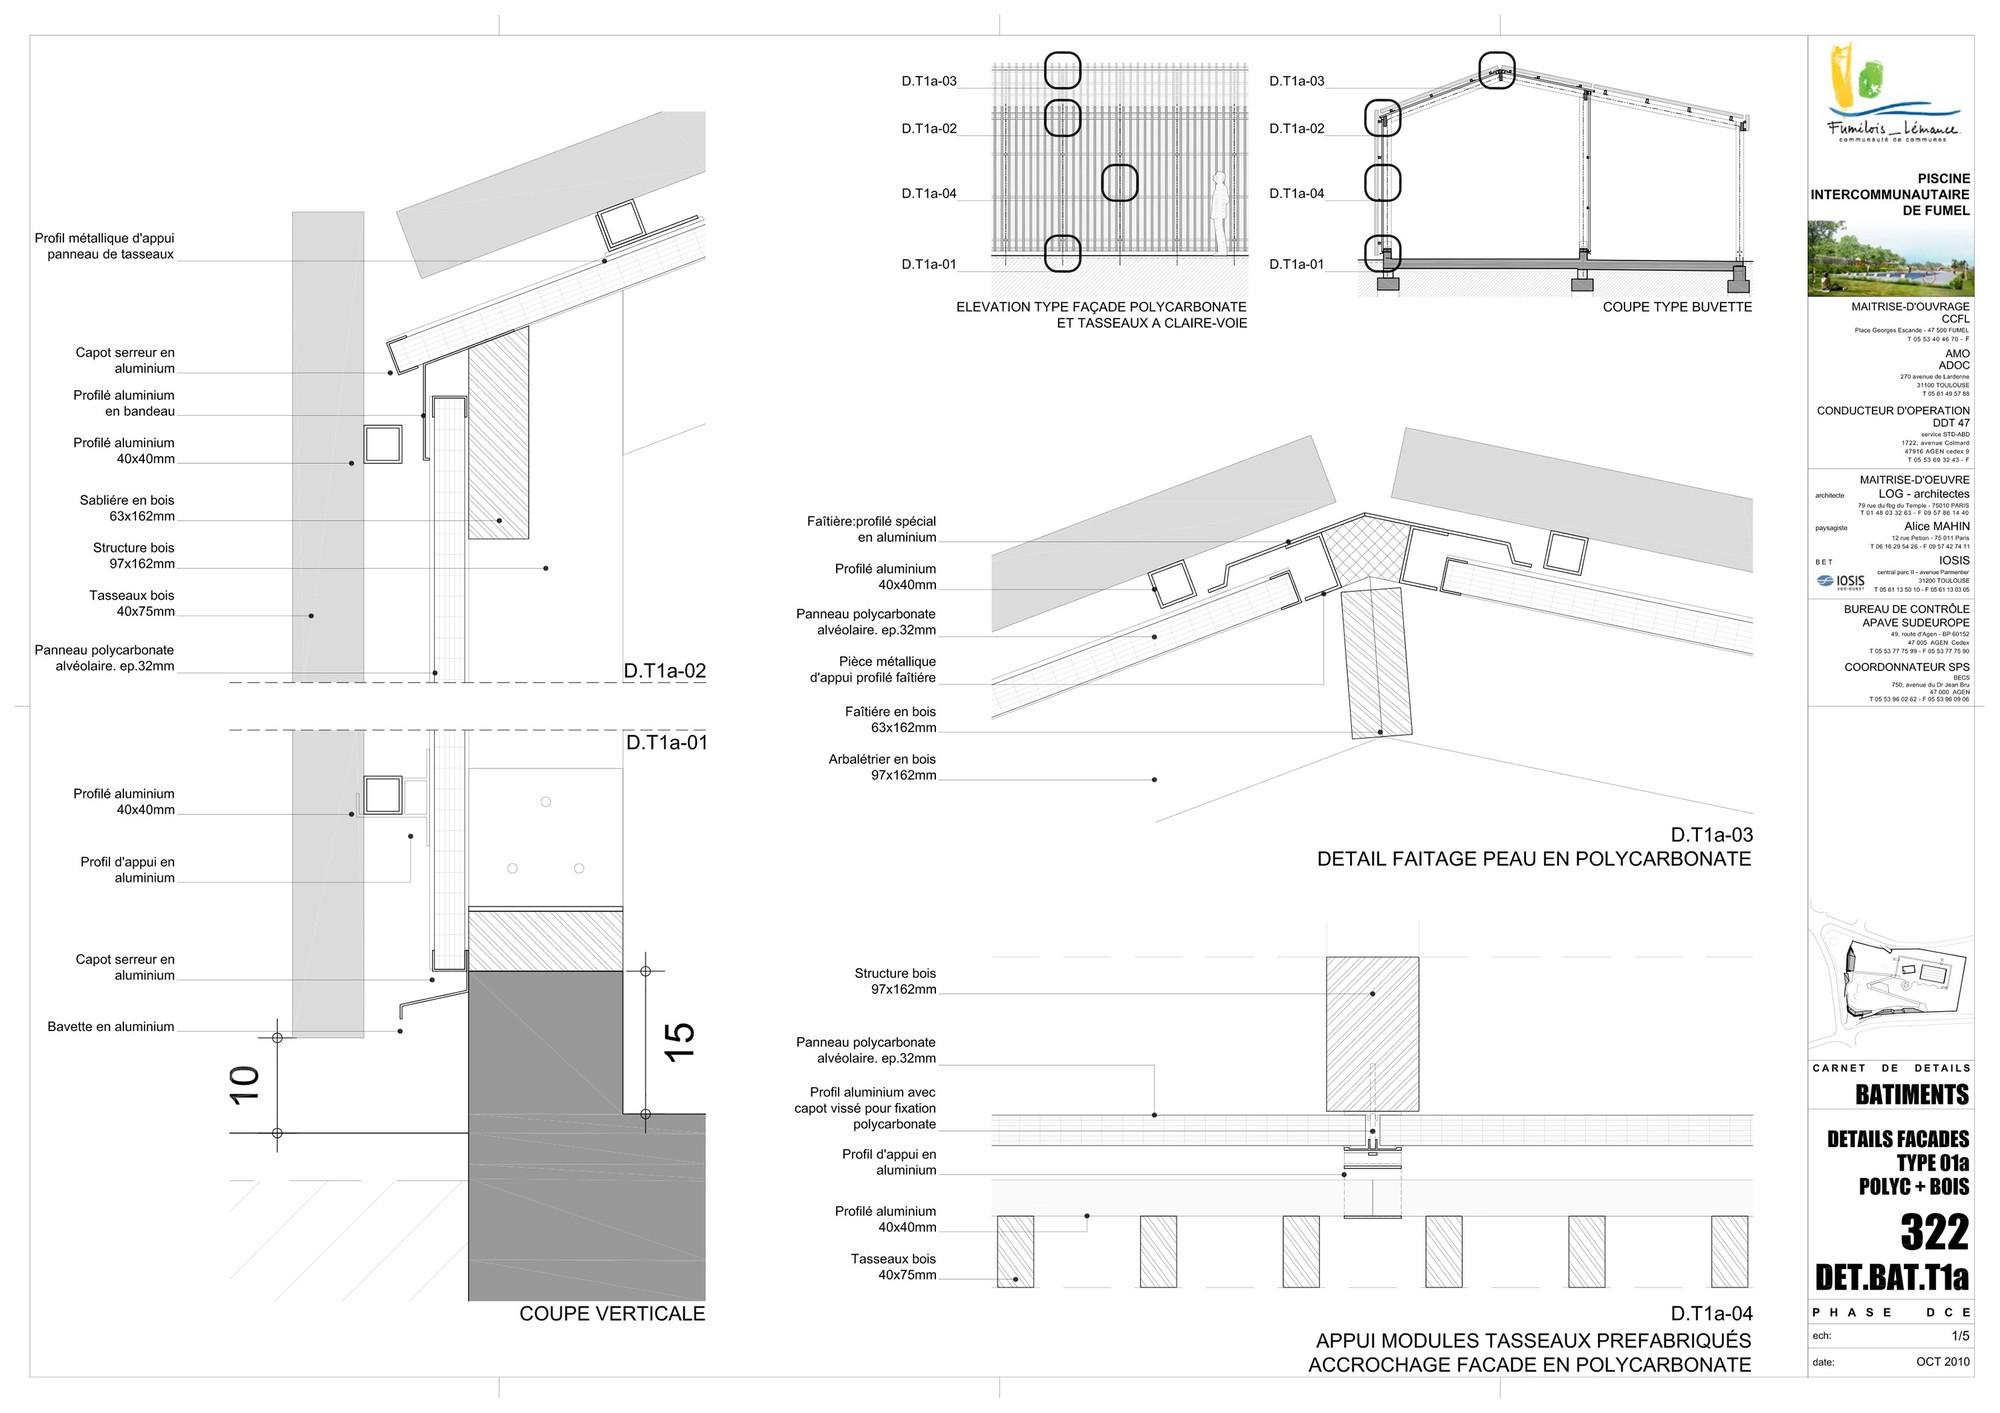 gallery of 50 impressive details using wood 167. Black Bedroom Furniture Sets. Home Design Ideas